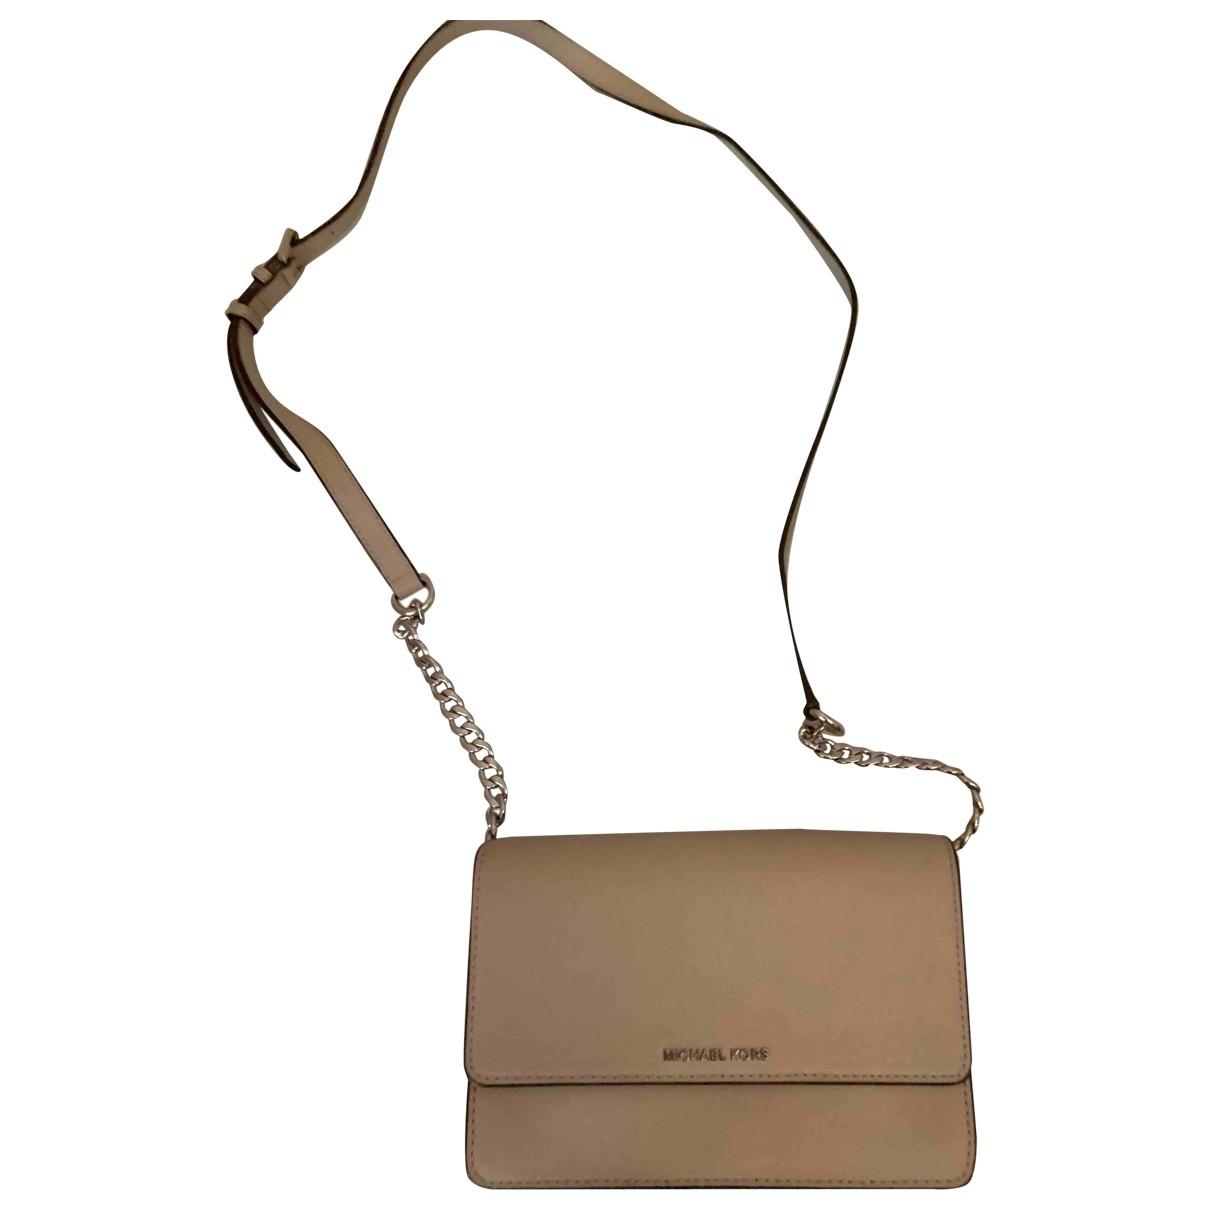 Michael Kors \N Ecru Leather Clutch bag for Women \N